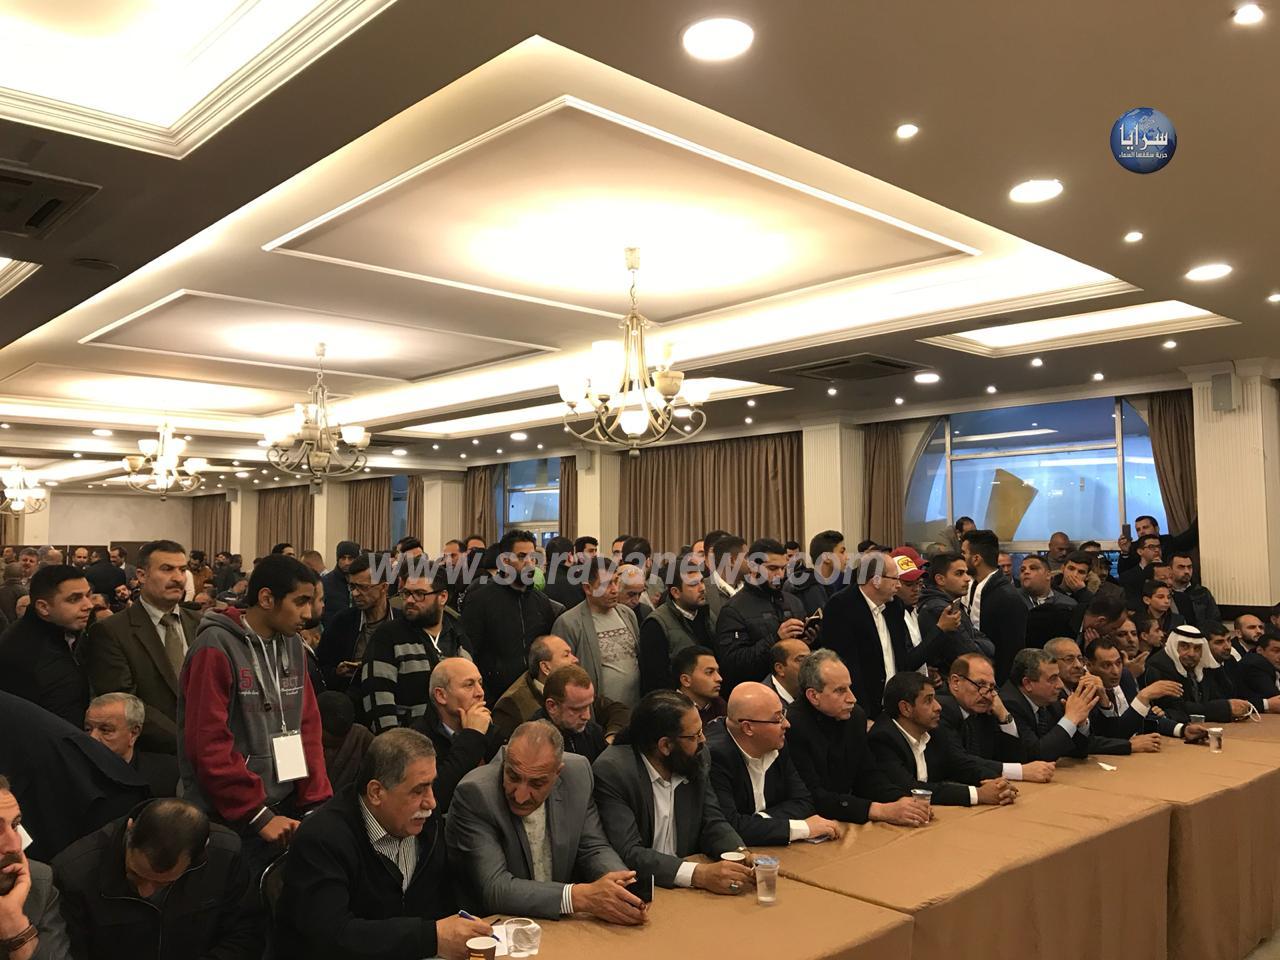 سرايا تنشر اسماء الفائزين بعضوية مجلس نقابة الاطباء  .. تحديث